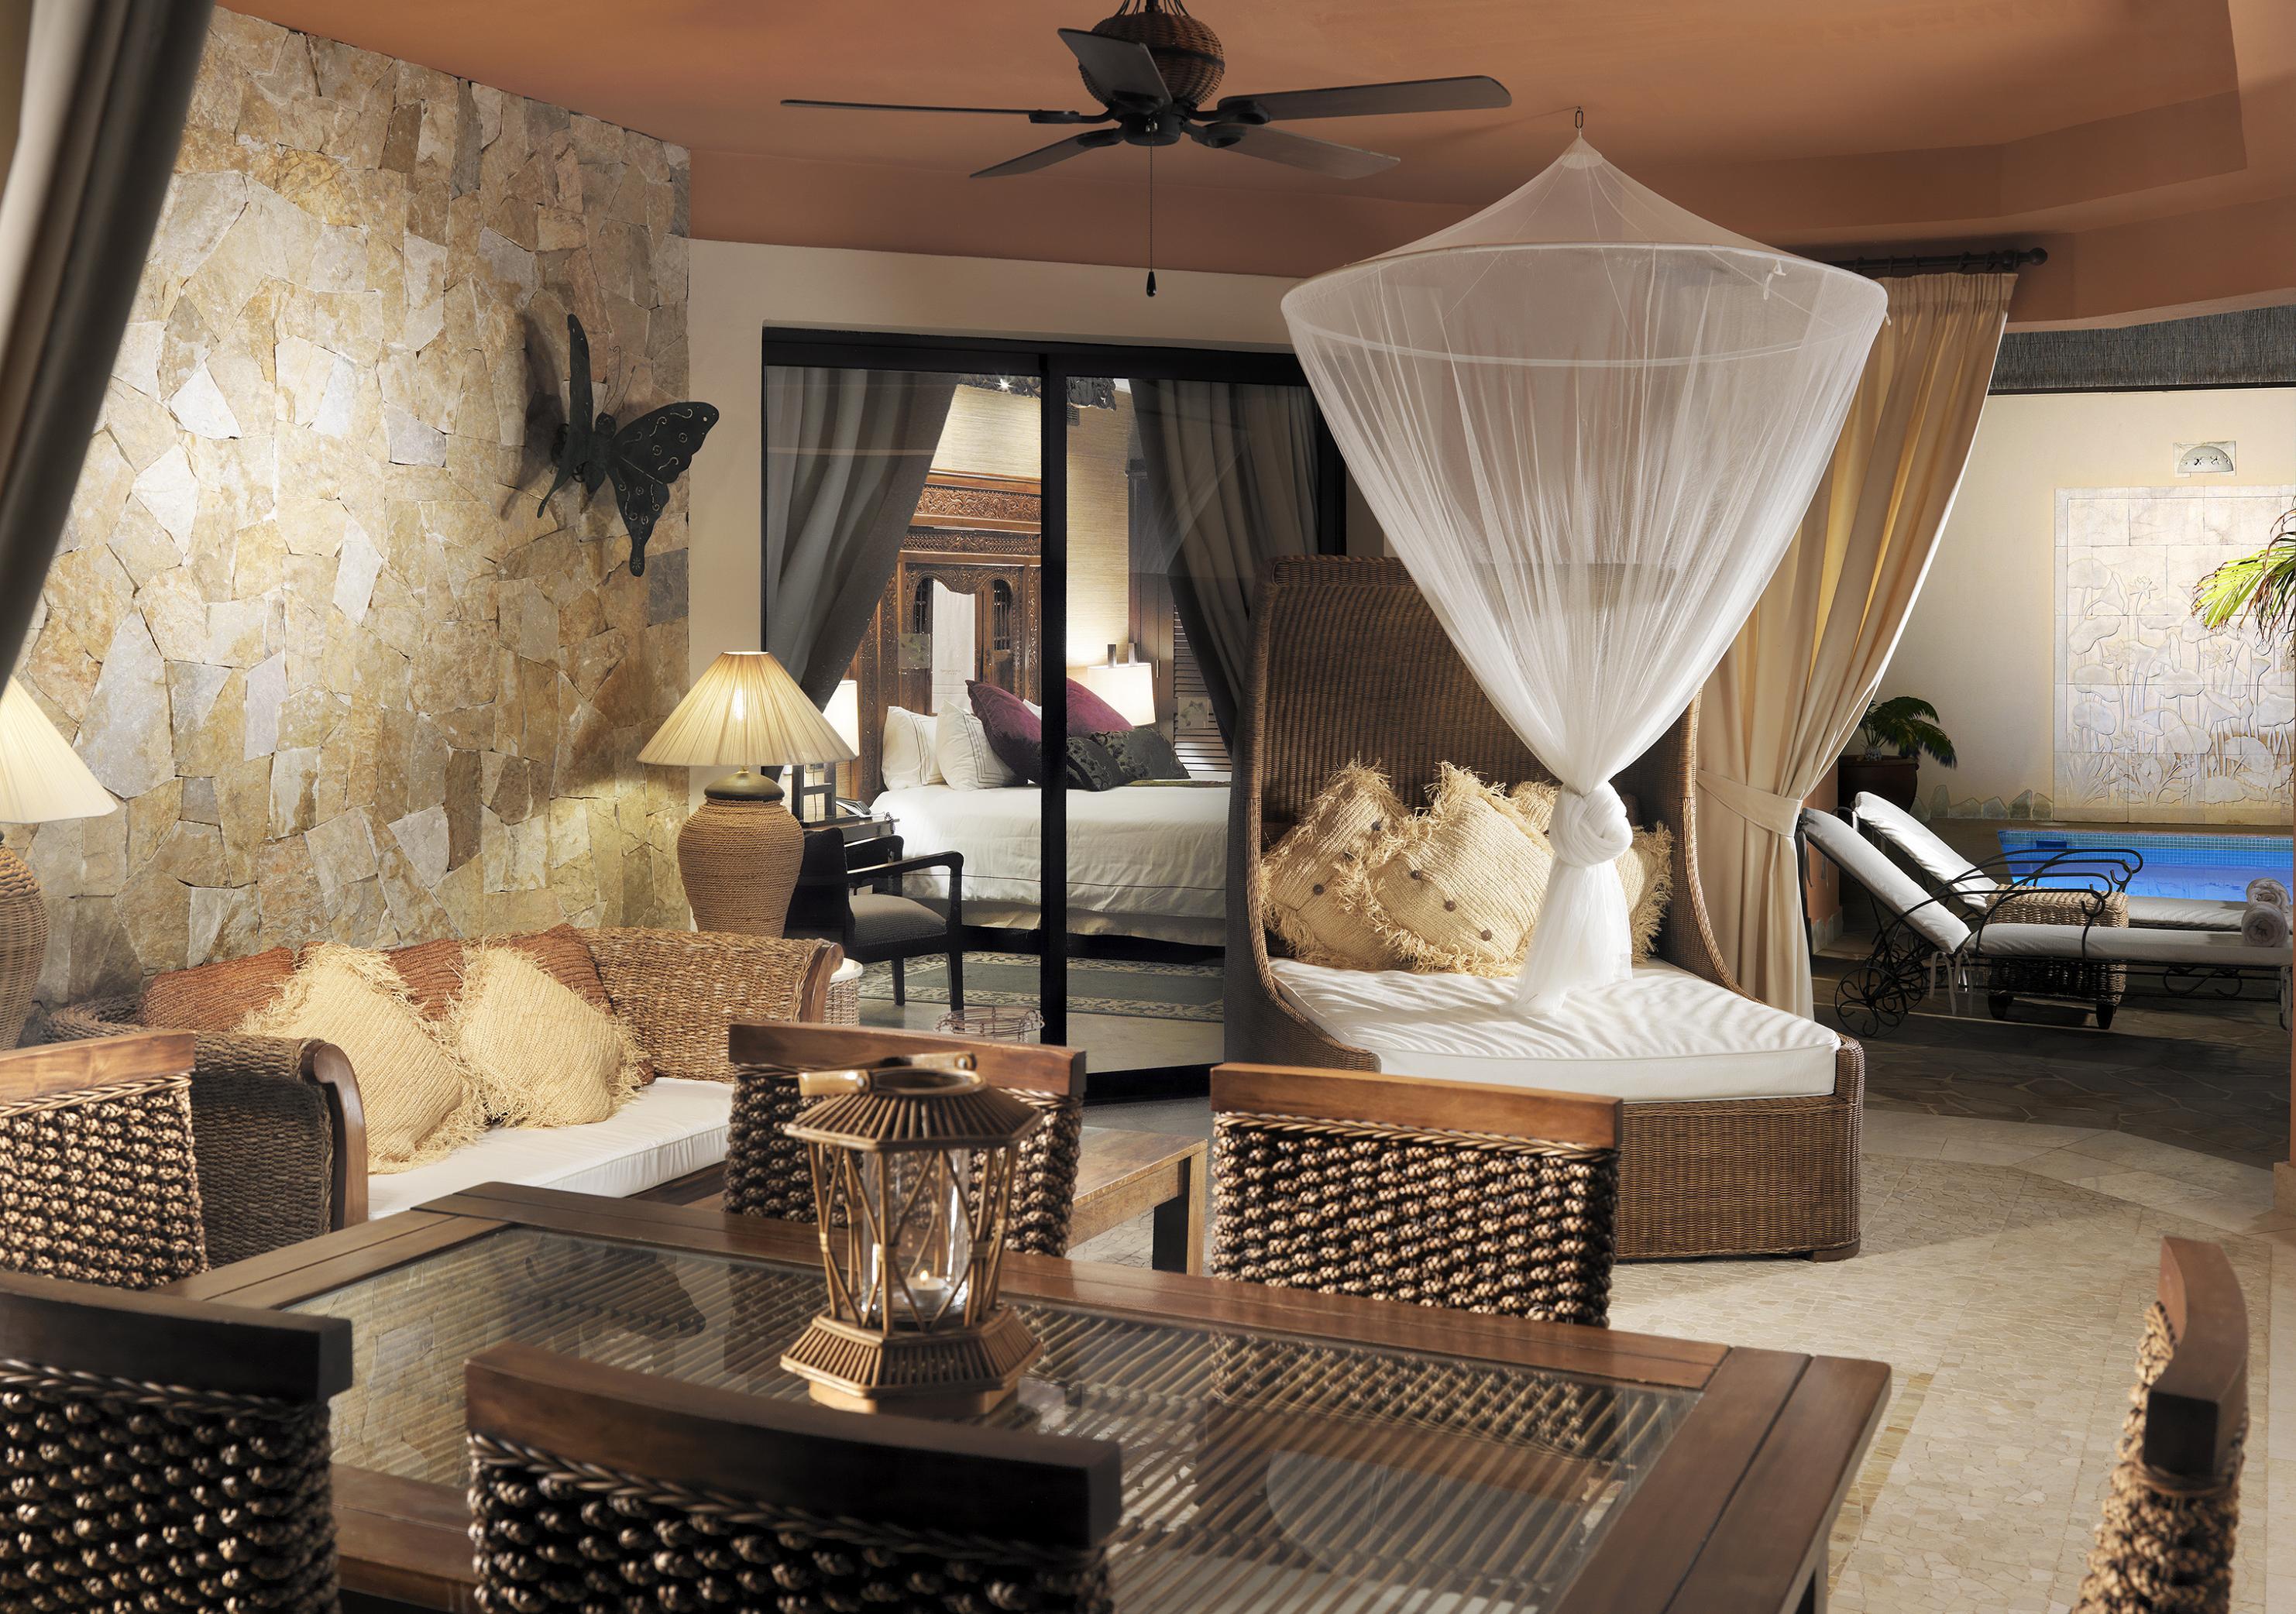 Baños Turcos Los Olivos:Hotel Royal Garden Villas en Adeje